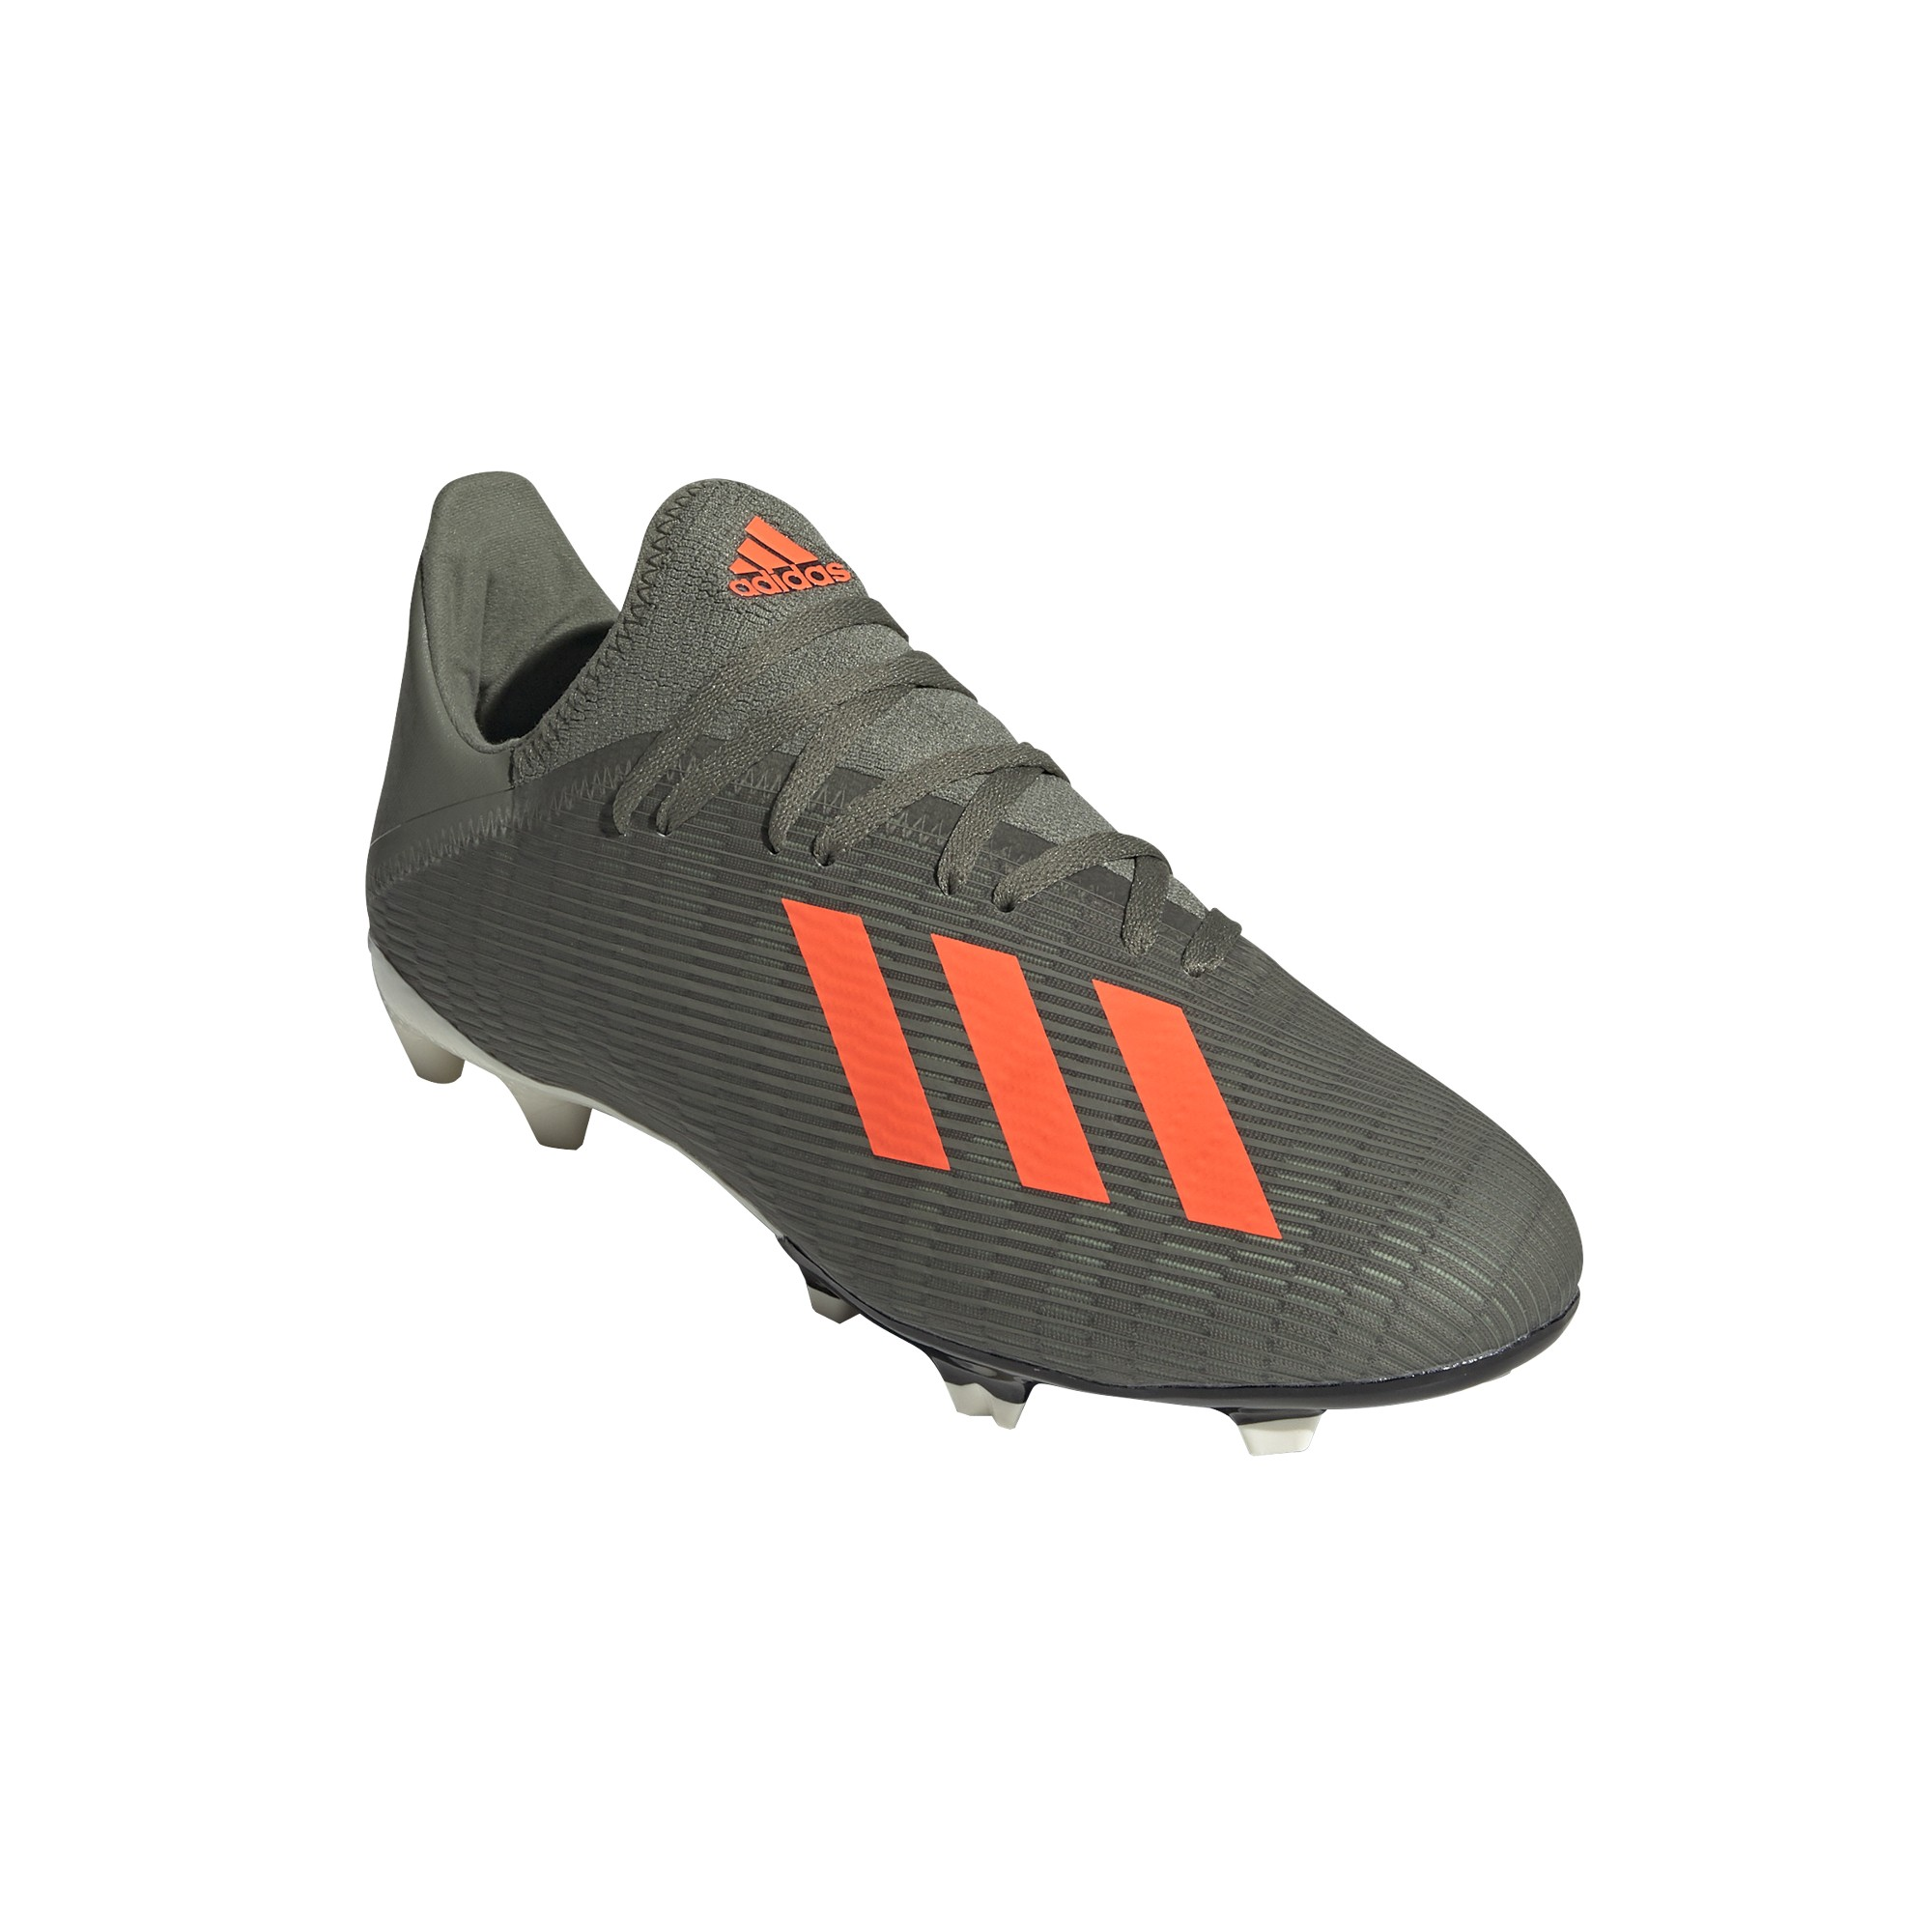 adidas calcio scarpe arancio